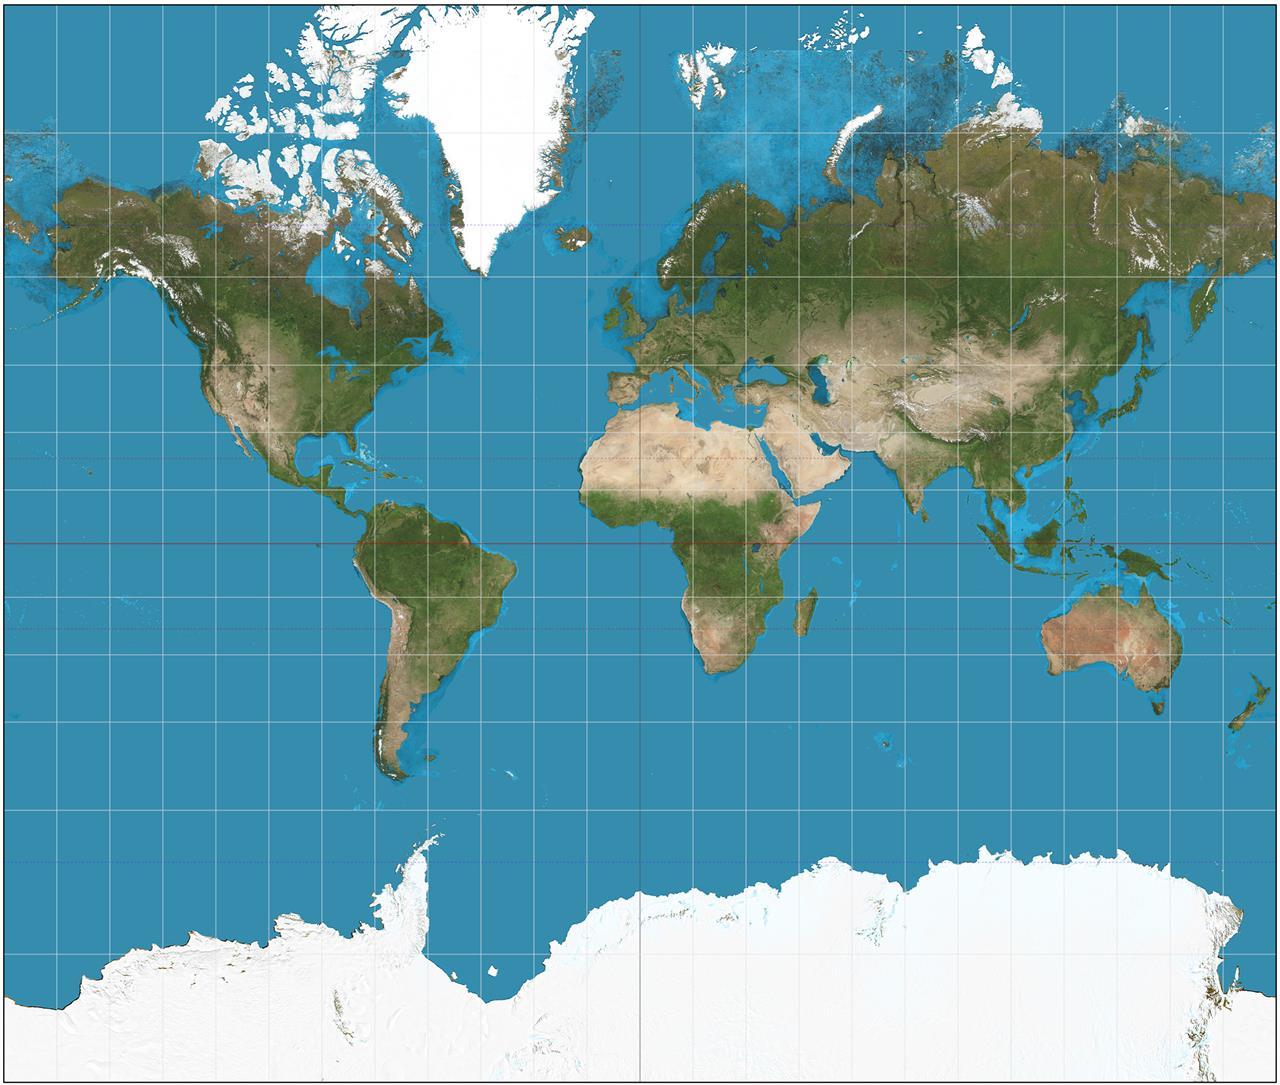 Cartina Del Mondo Nel 1800.La Mappa Della Terra Che Tutti Conosciamo E Un Inganno Linkiesta It